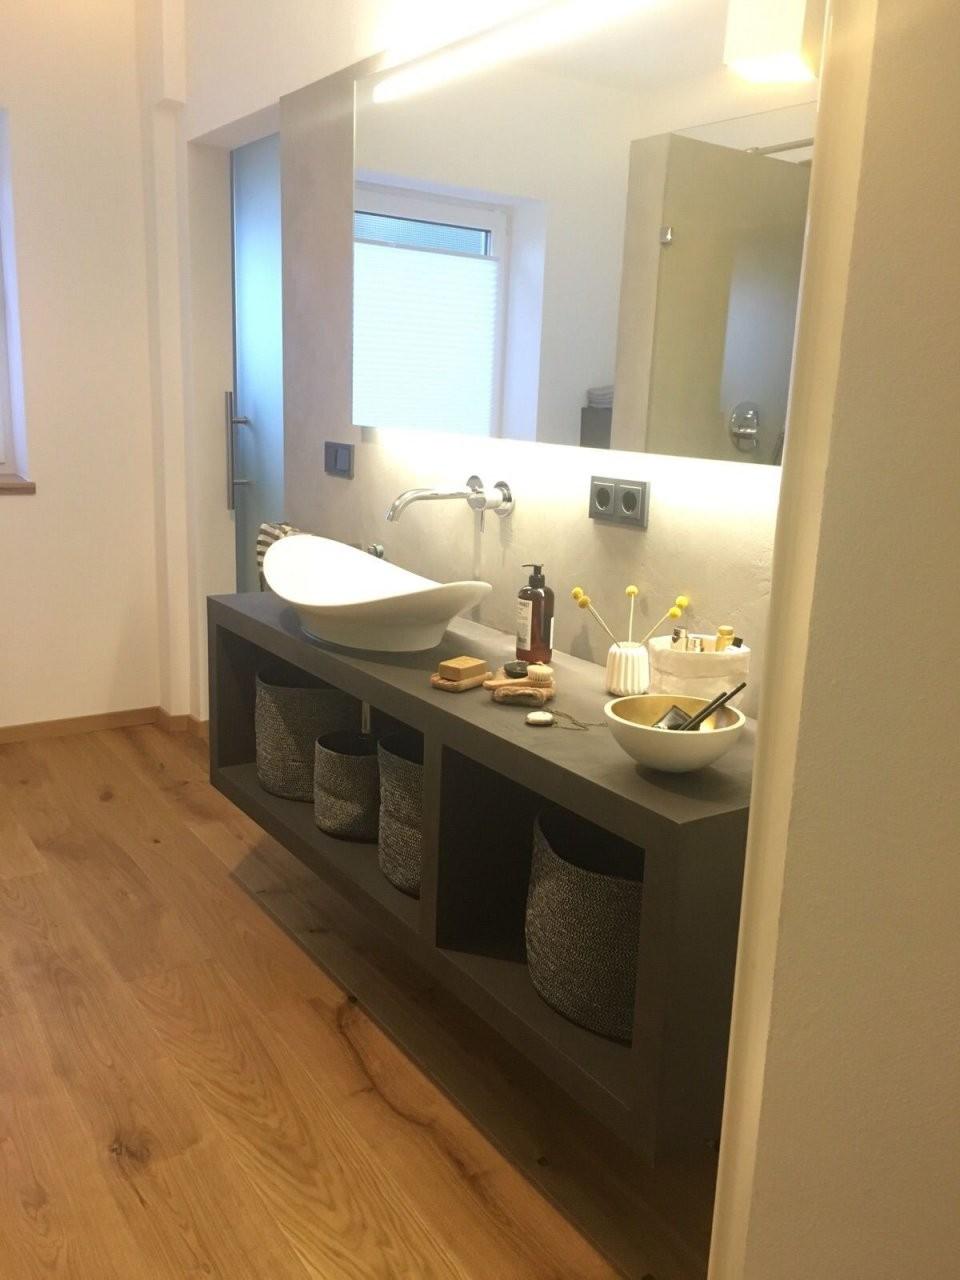 Diy Waschtisch Aus Beton Ciré In 2019  Bathroom  Waschtisch von Waschbecken Platte Selber Bauen Photo